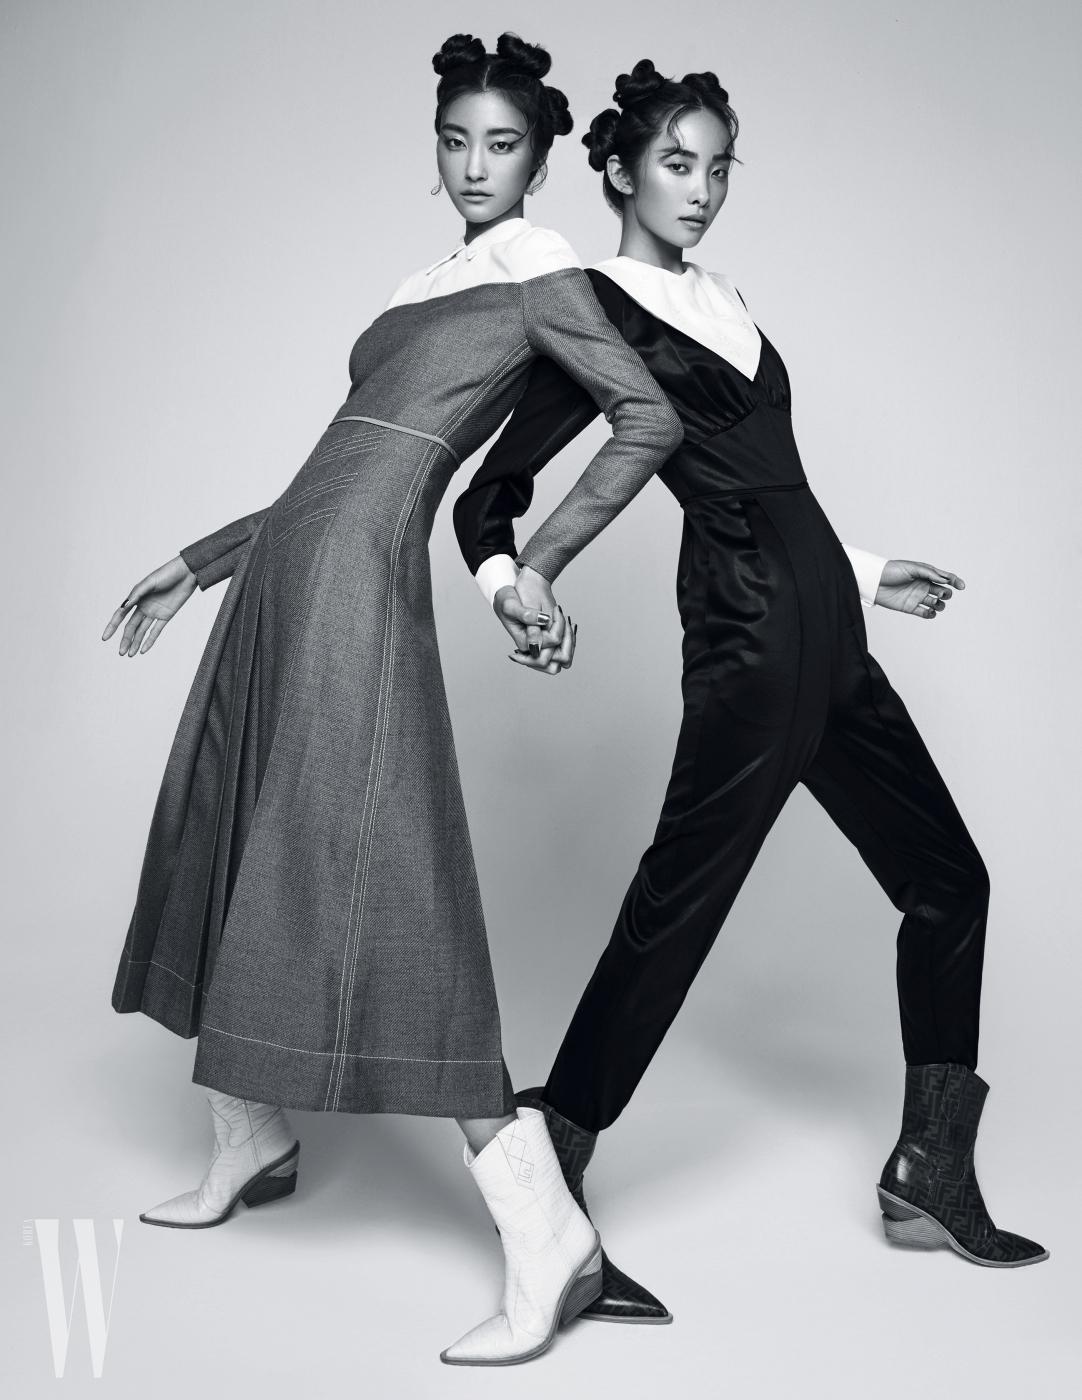 왼쪽 | 우아한 실루엣과 정제된 테일러링이 돋보이는 투톤 드레스와 웨스턴 부츠는 Fendi 제품. 오른쪽 | 새틴 점프수트와 웨스턴 부츠는 Fendi 제품.